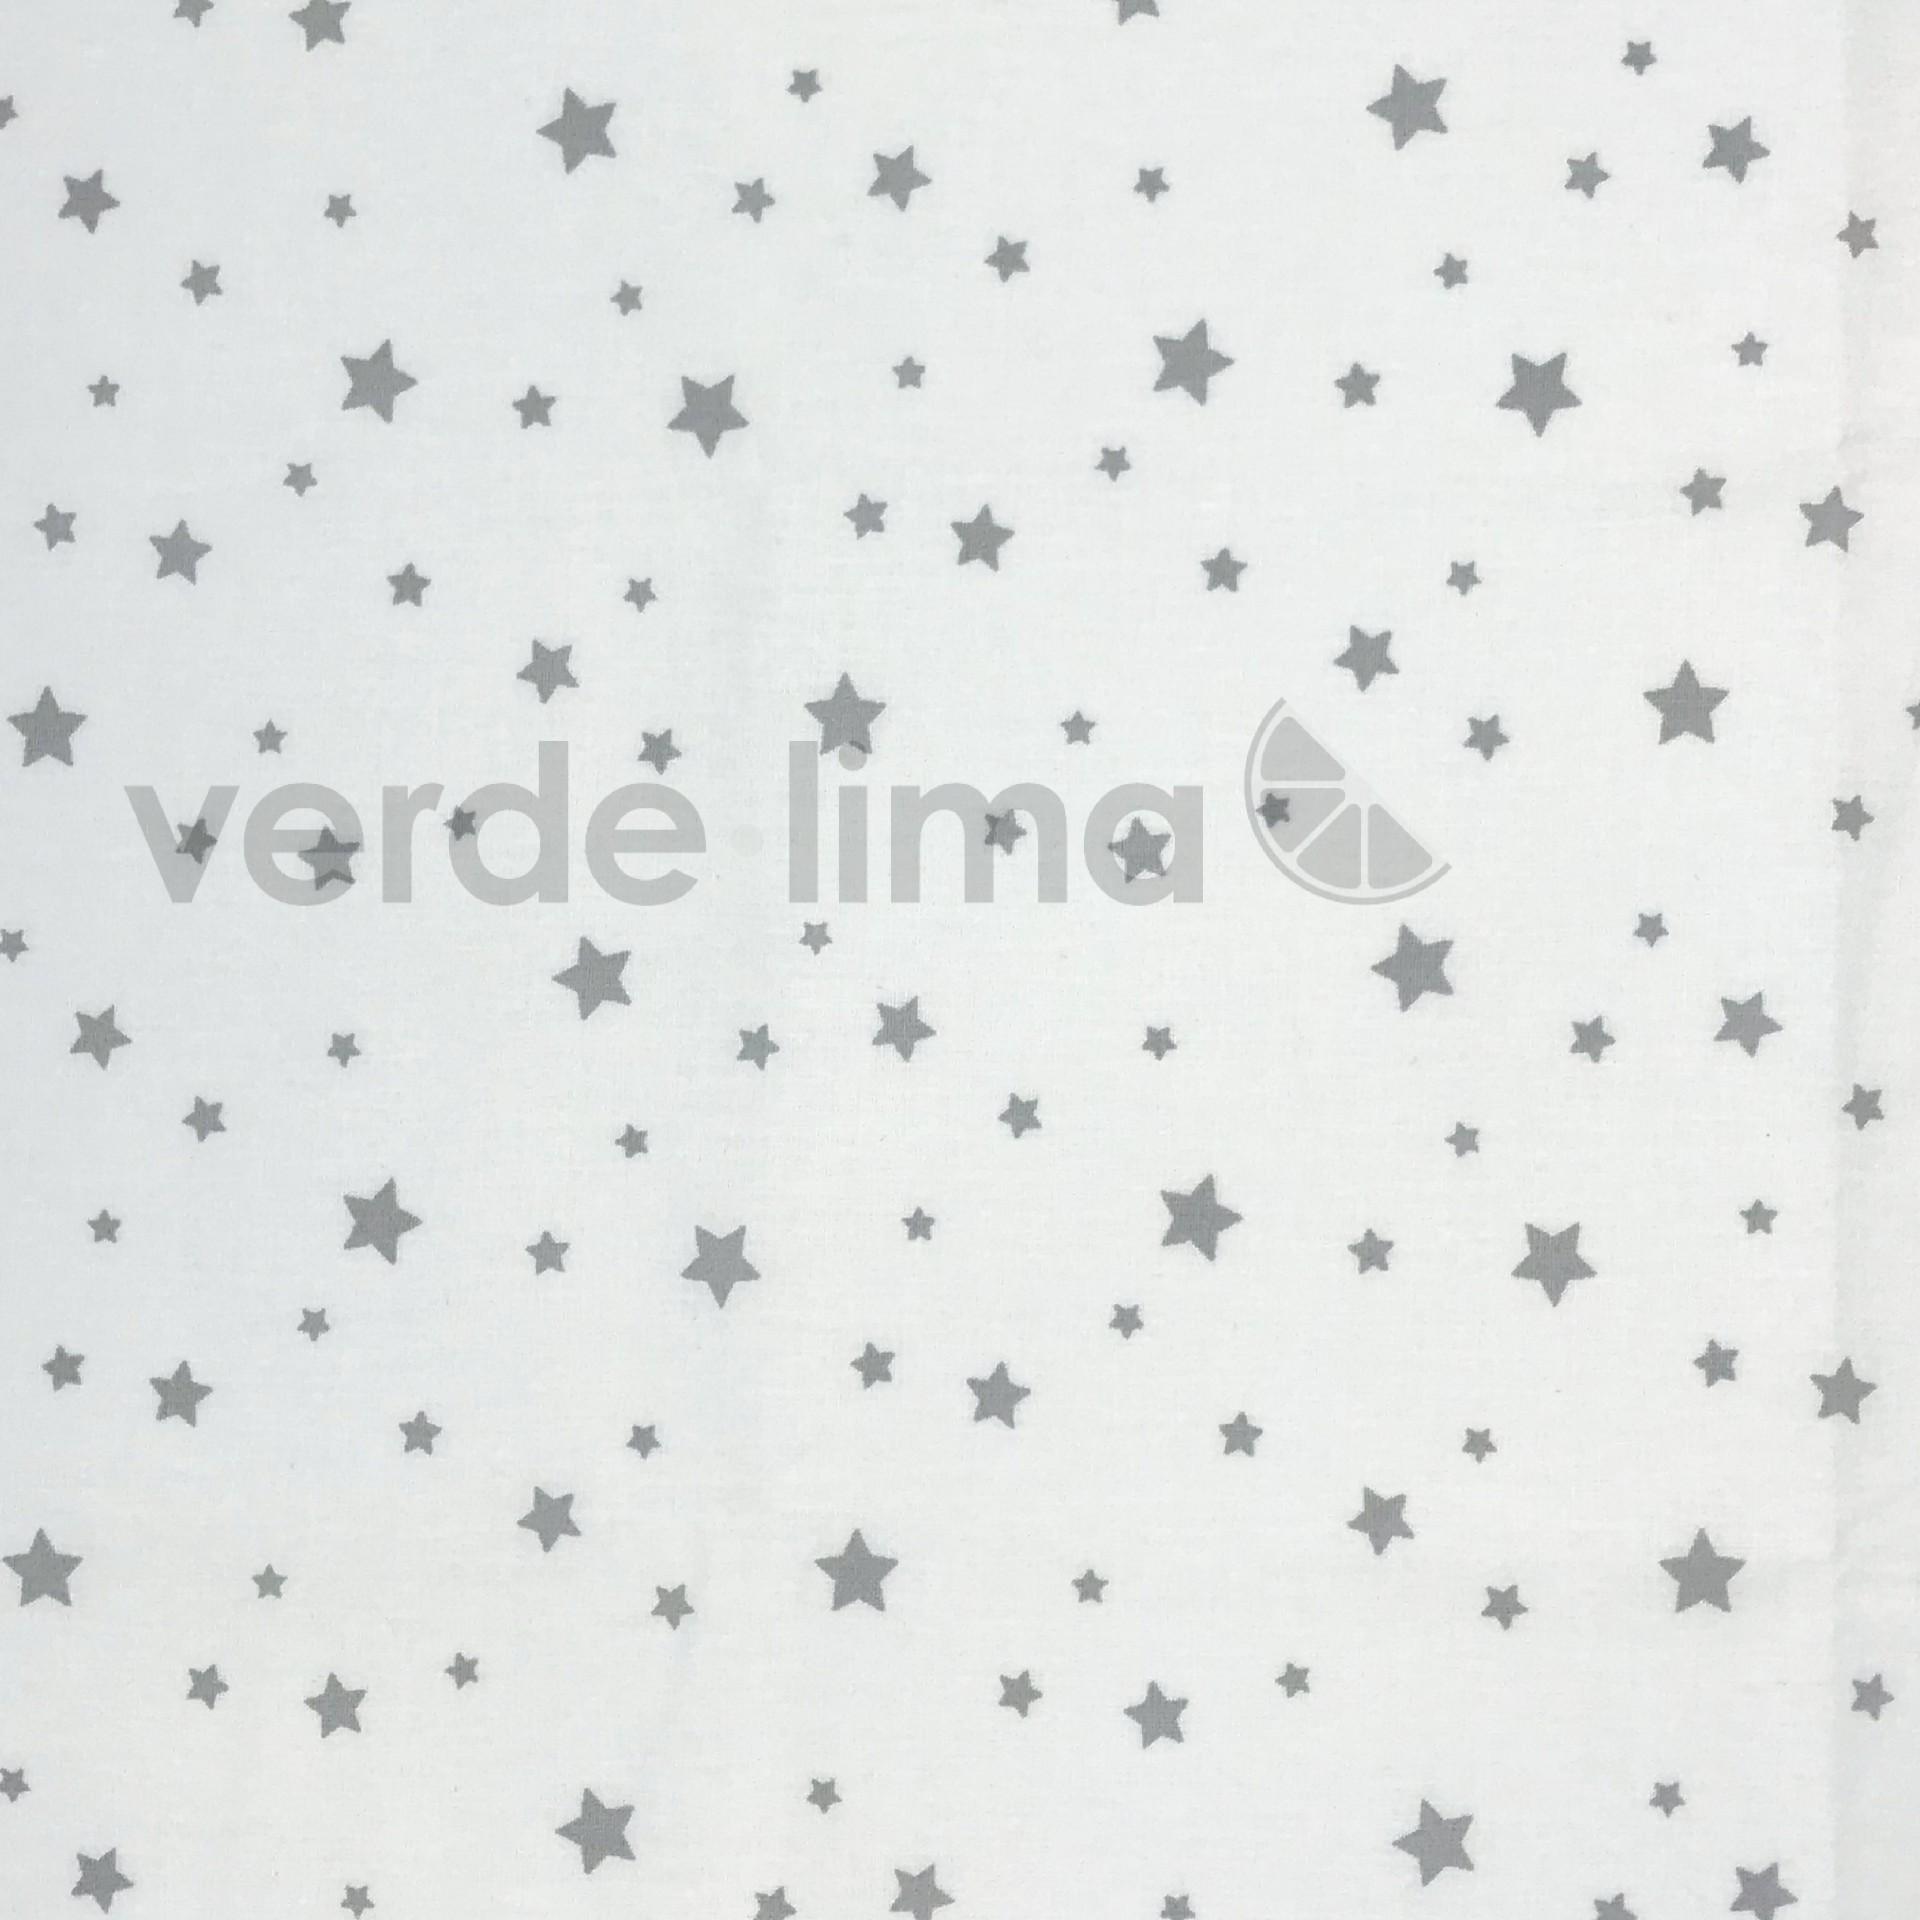 Estrelas fundo branco